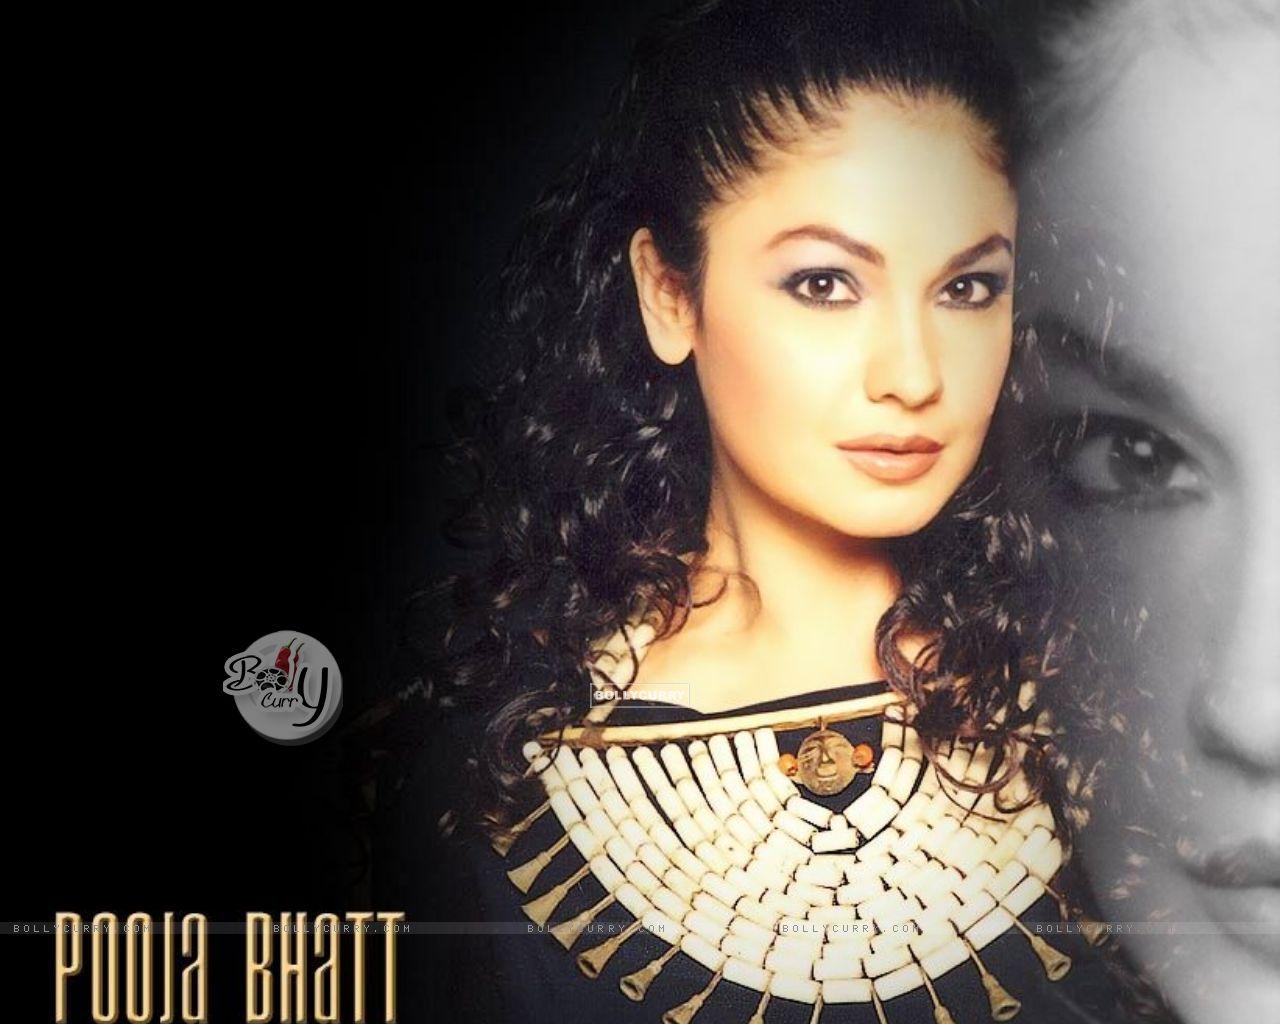 Pooja Bhatt - Images